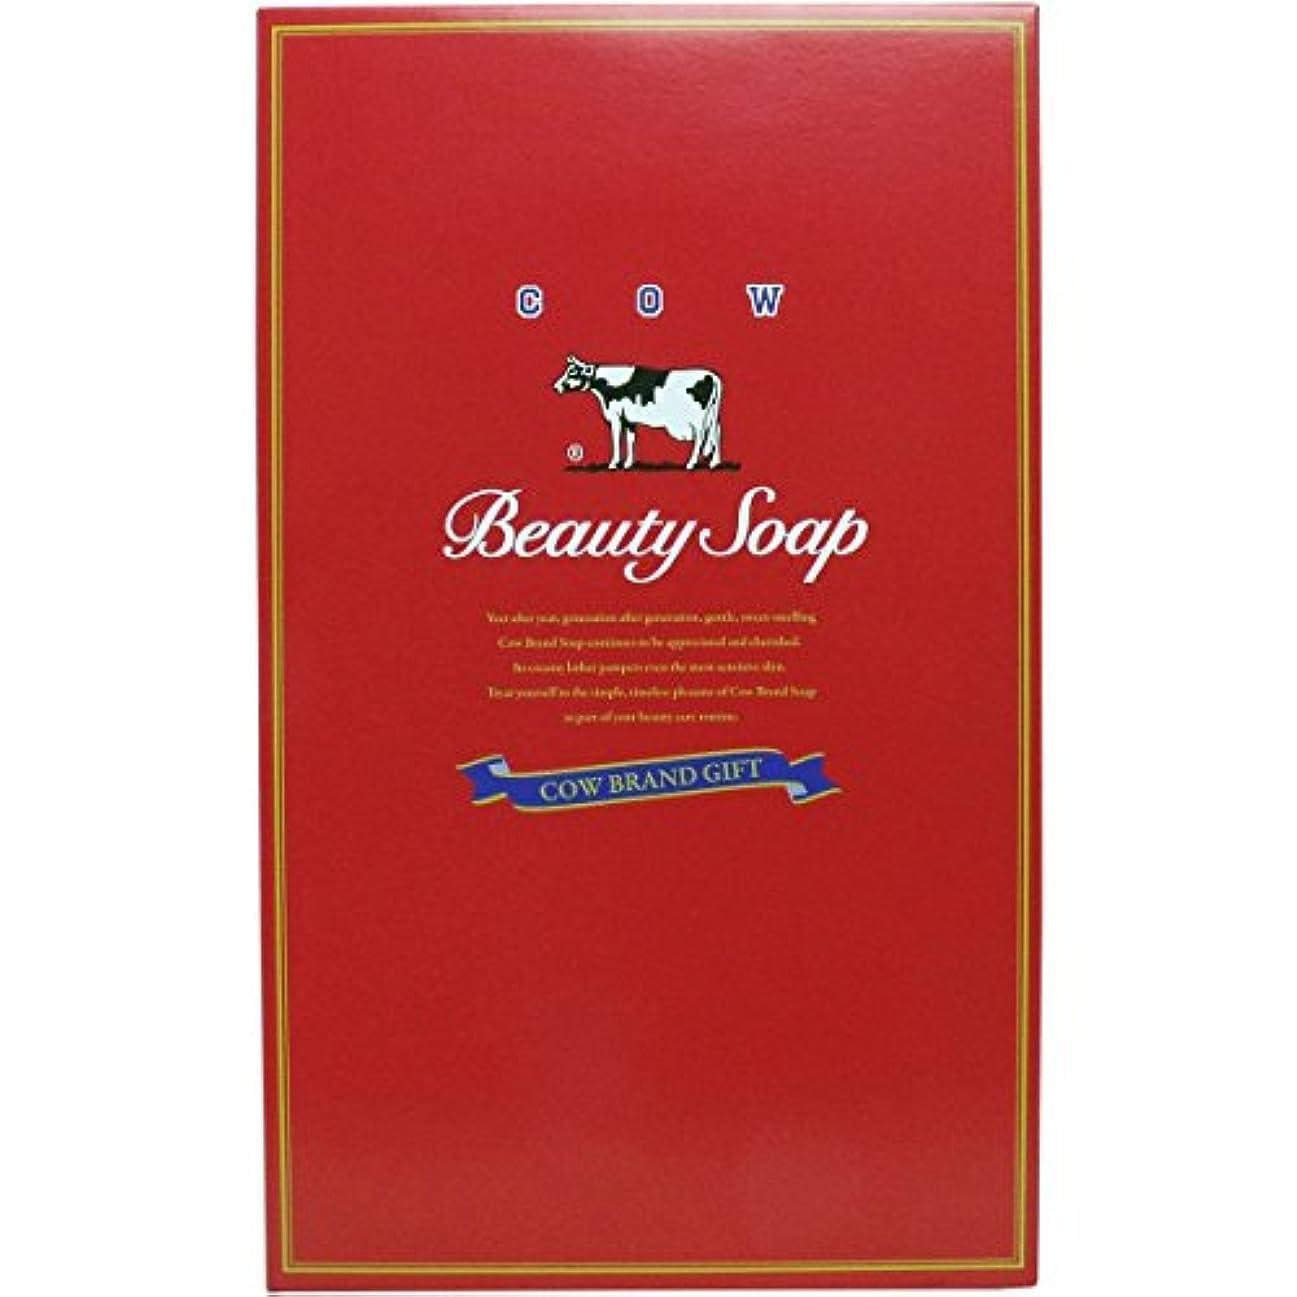 ベンチ寝室を掃除する宴会カウブランド 赤箱 10コ入 × 10個セット